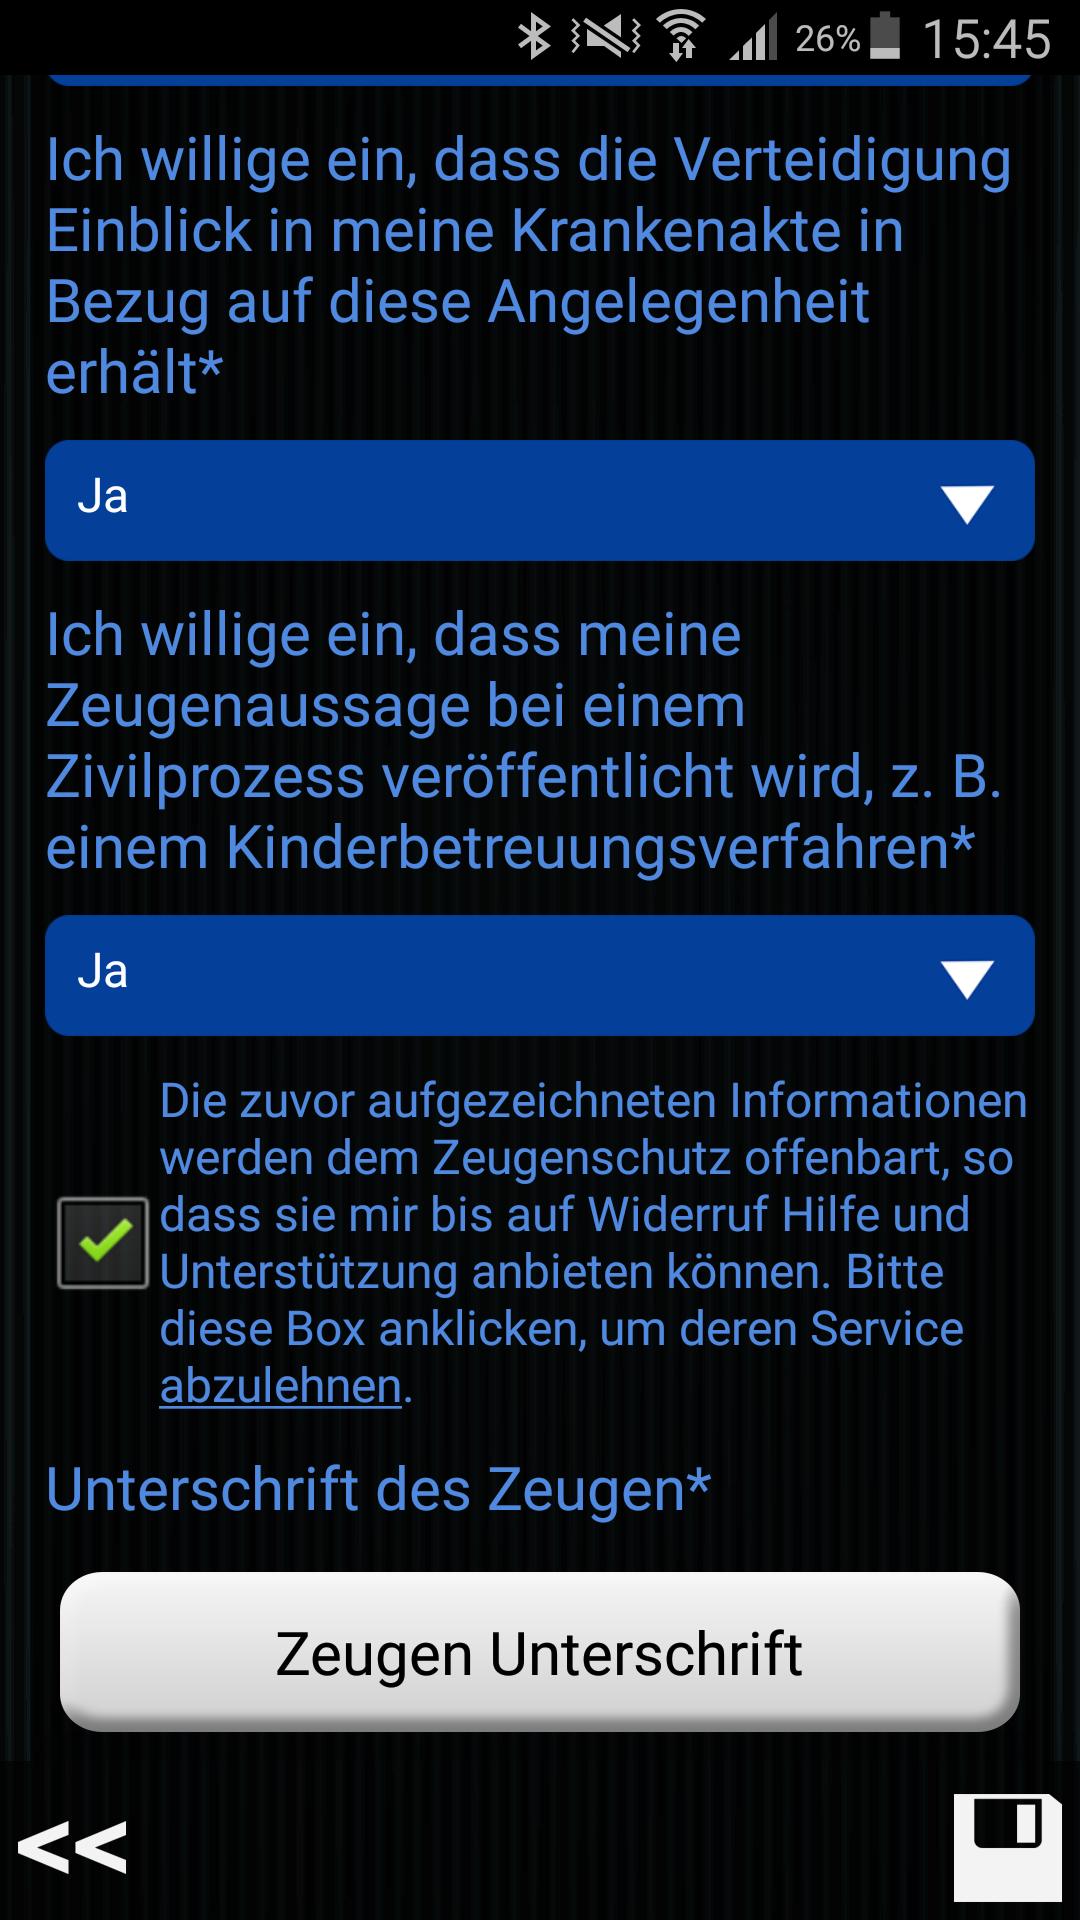 ginstr_app_witnessStatement_DE_7